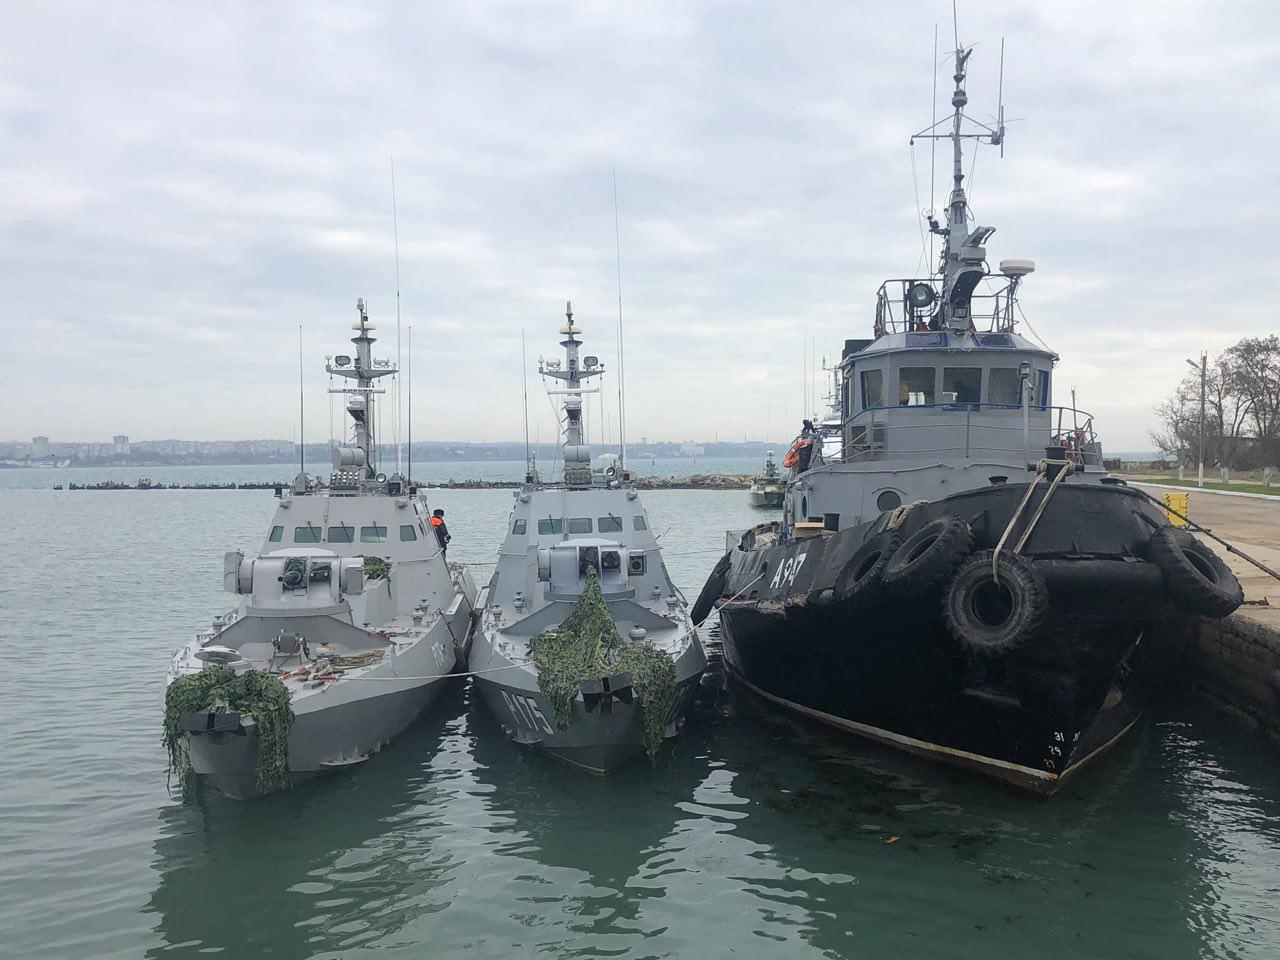 Официальная российская версия инцидента с украинскими катерами в районе Керченского пролива